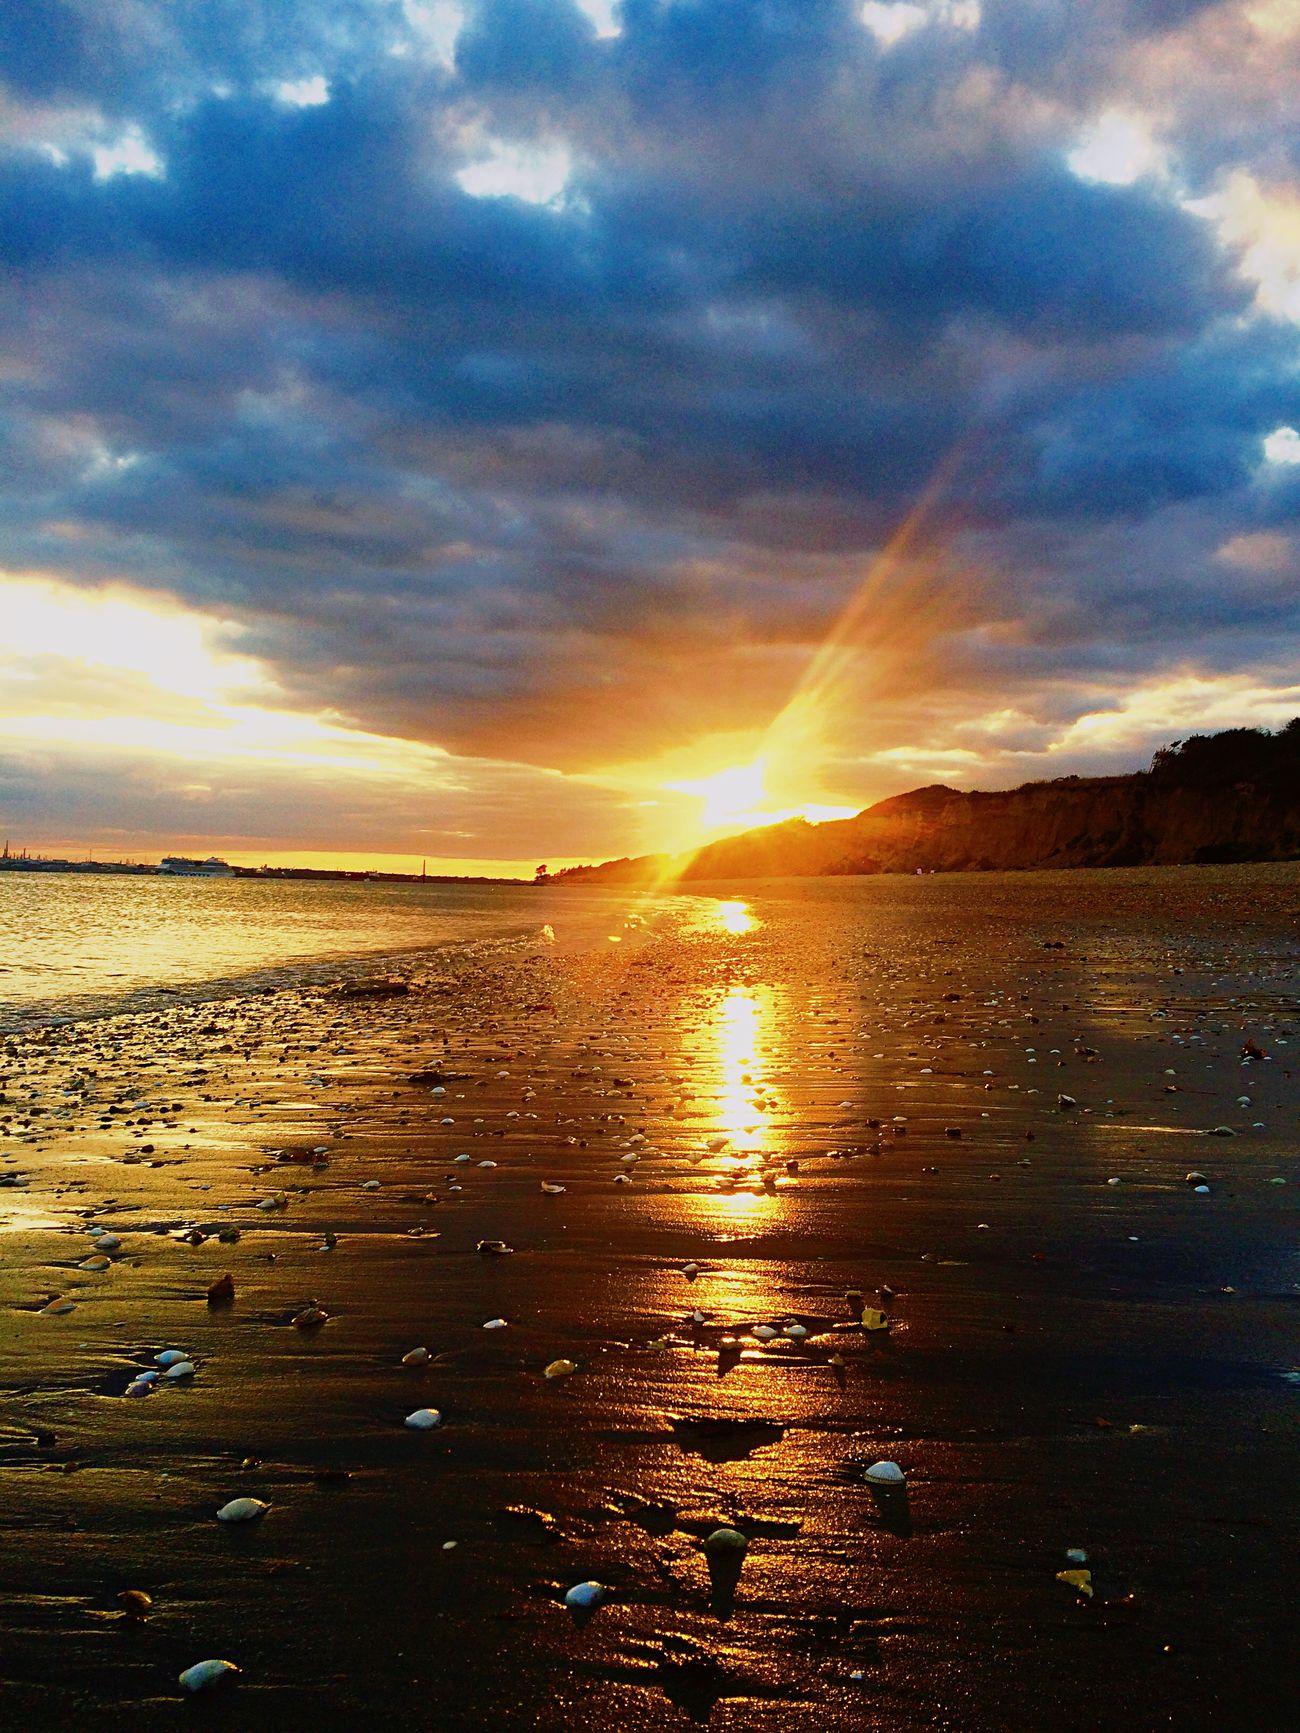 Sunset Sunset sun